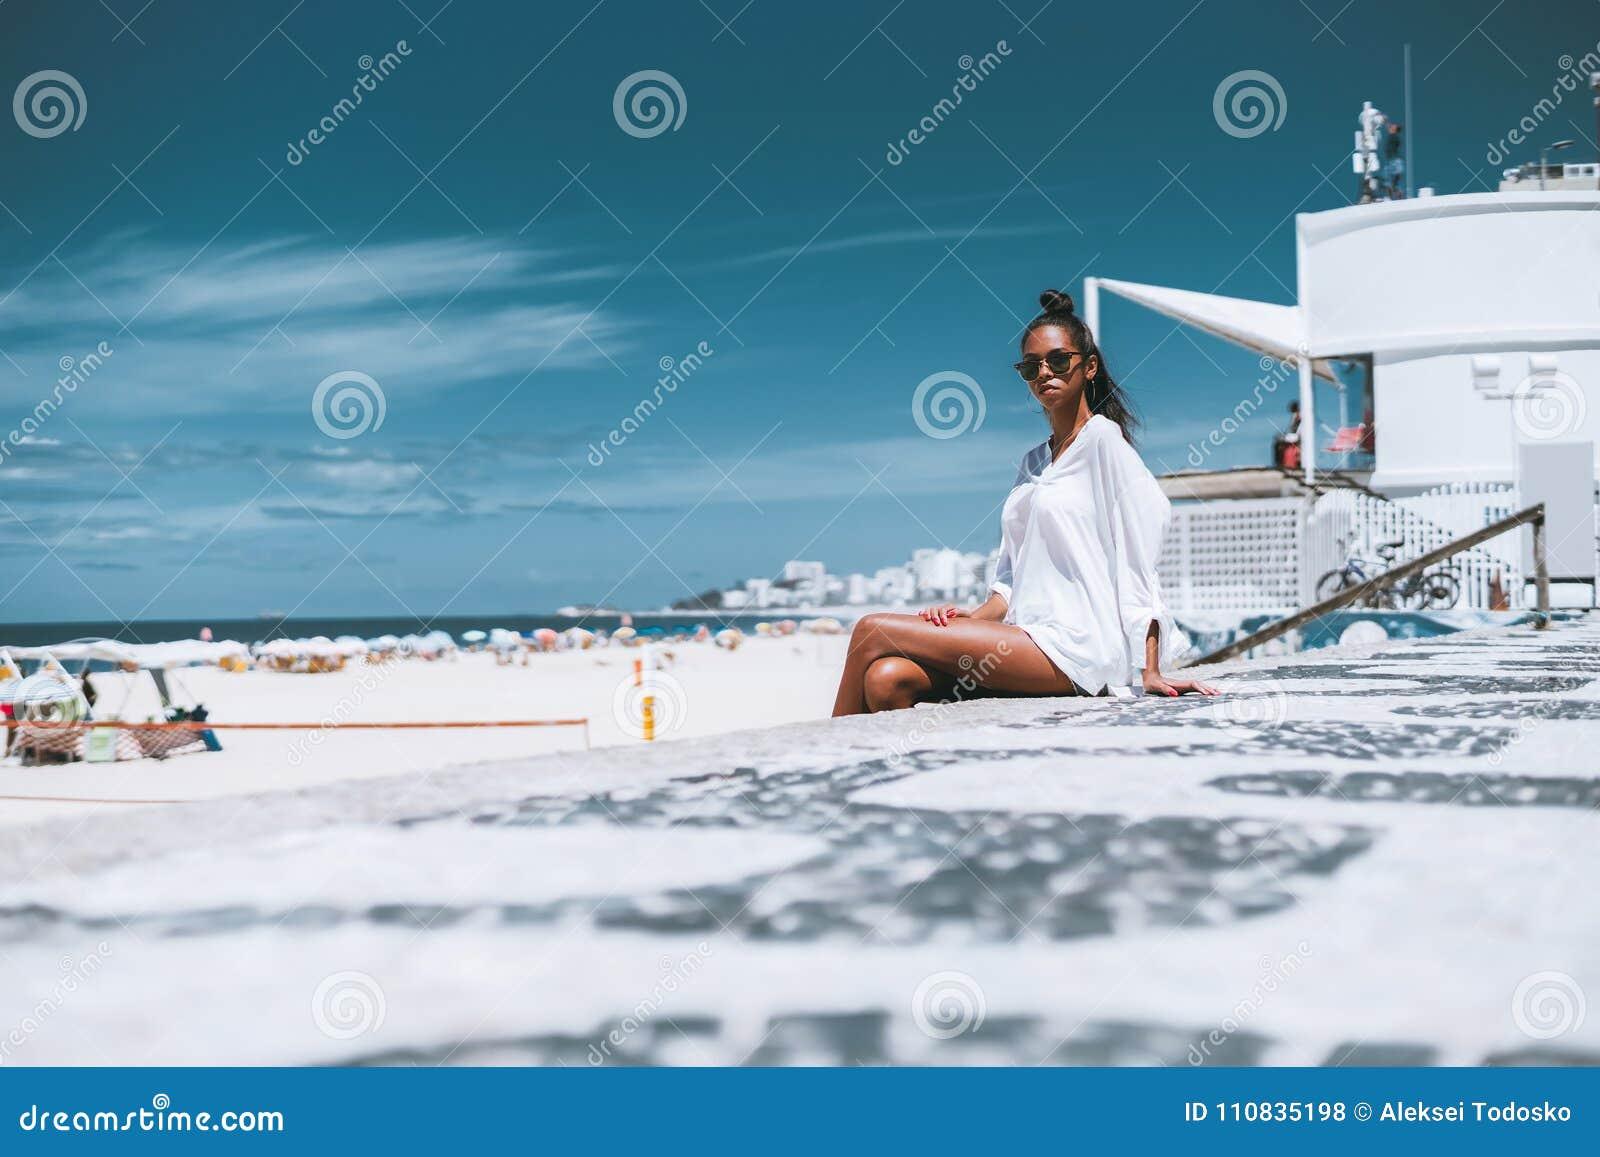 5438545521 Μαύρο νέο θηλυκό στα γυαλιά ηλίου κοντά στην παραλία. Download preview